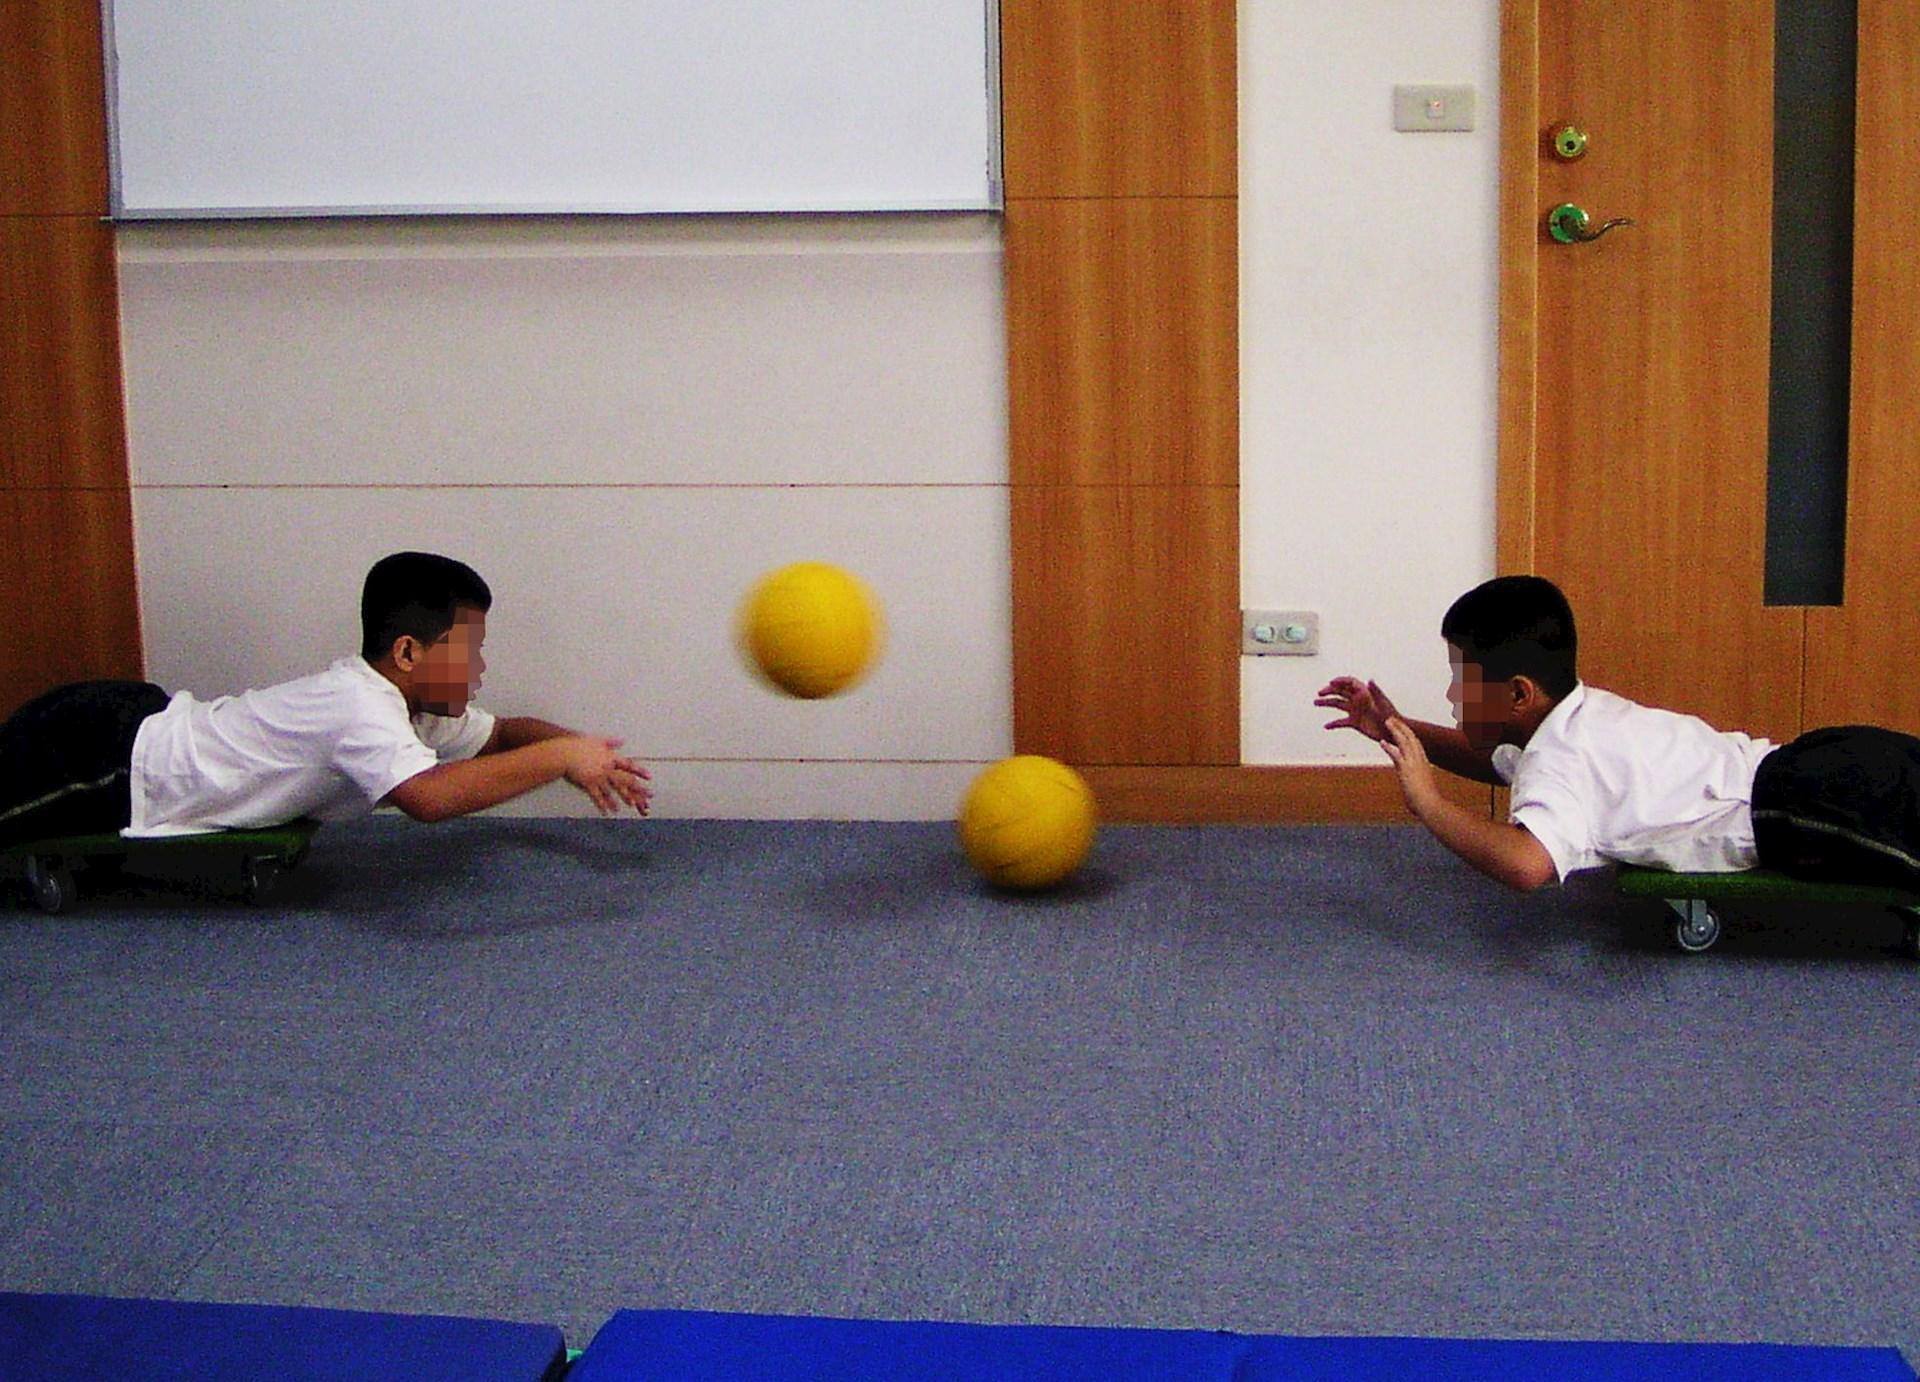 變換運動項目,可以增加趣味性。